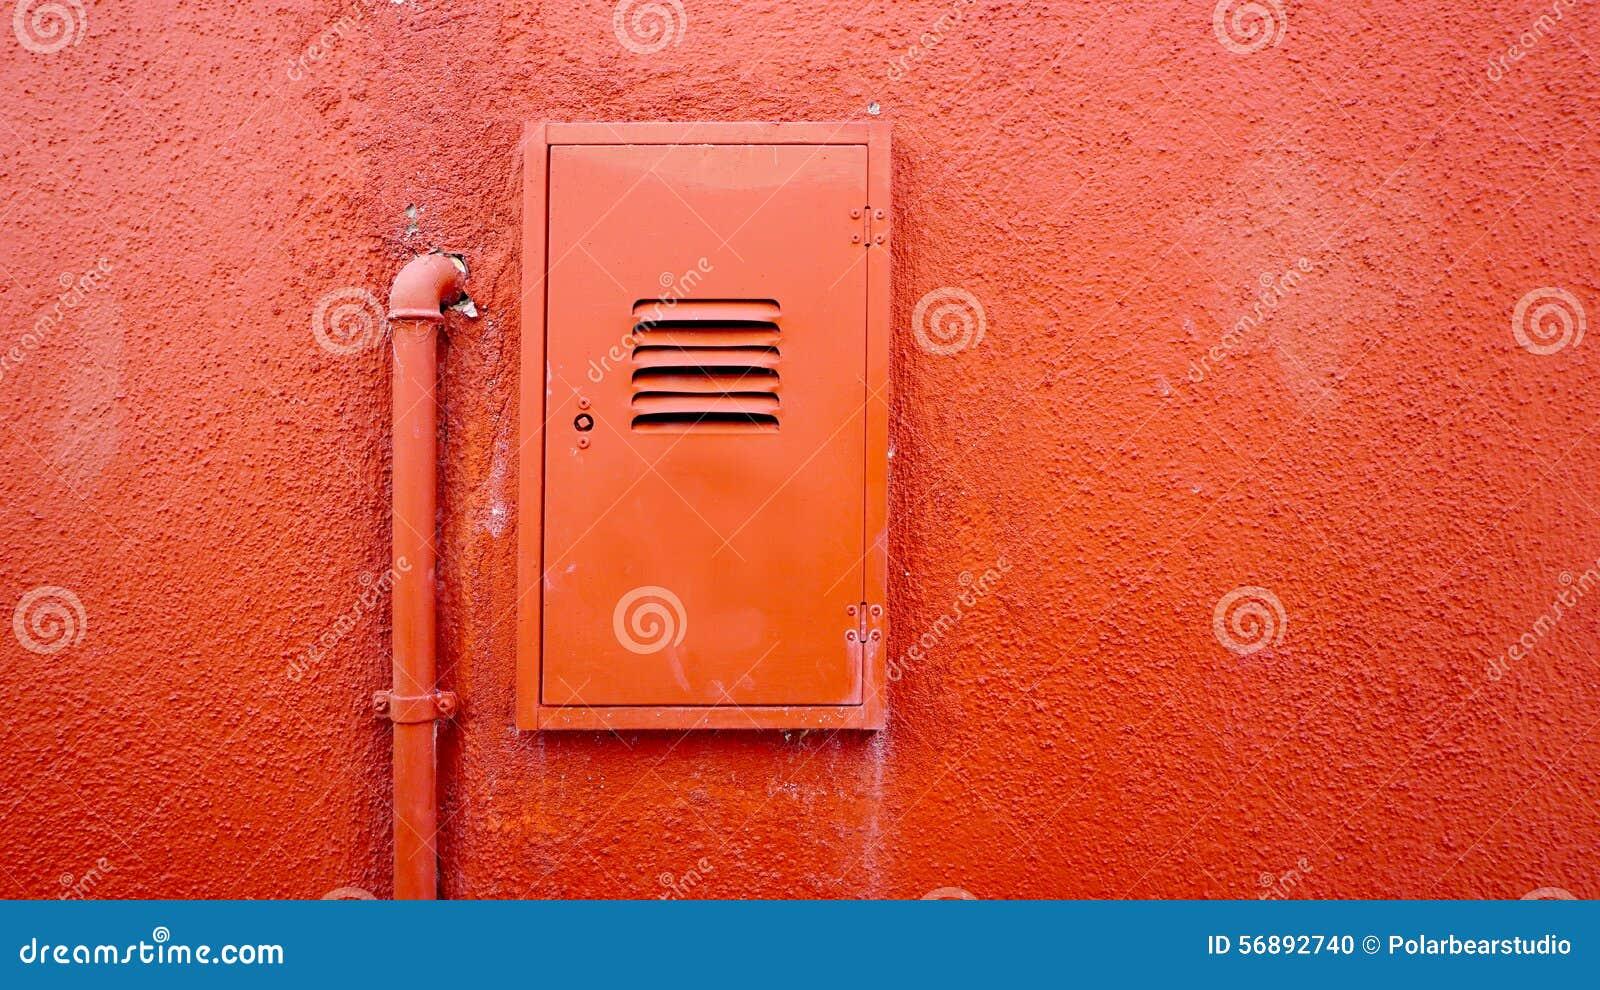 Pareti Colore Arancione : Metal il tubo e la scatola elettrica sulla parete arancio di colore